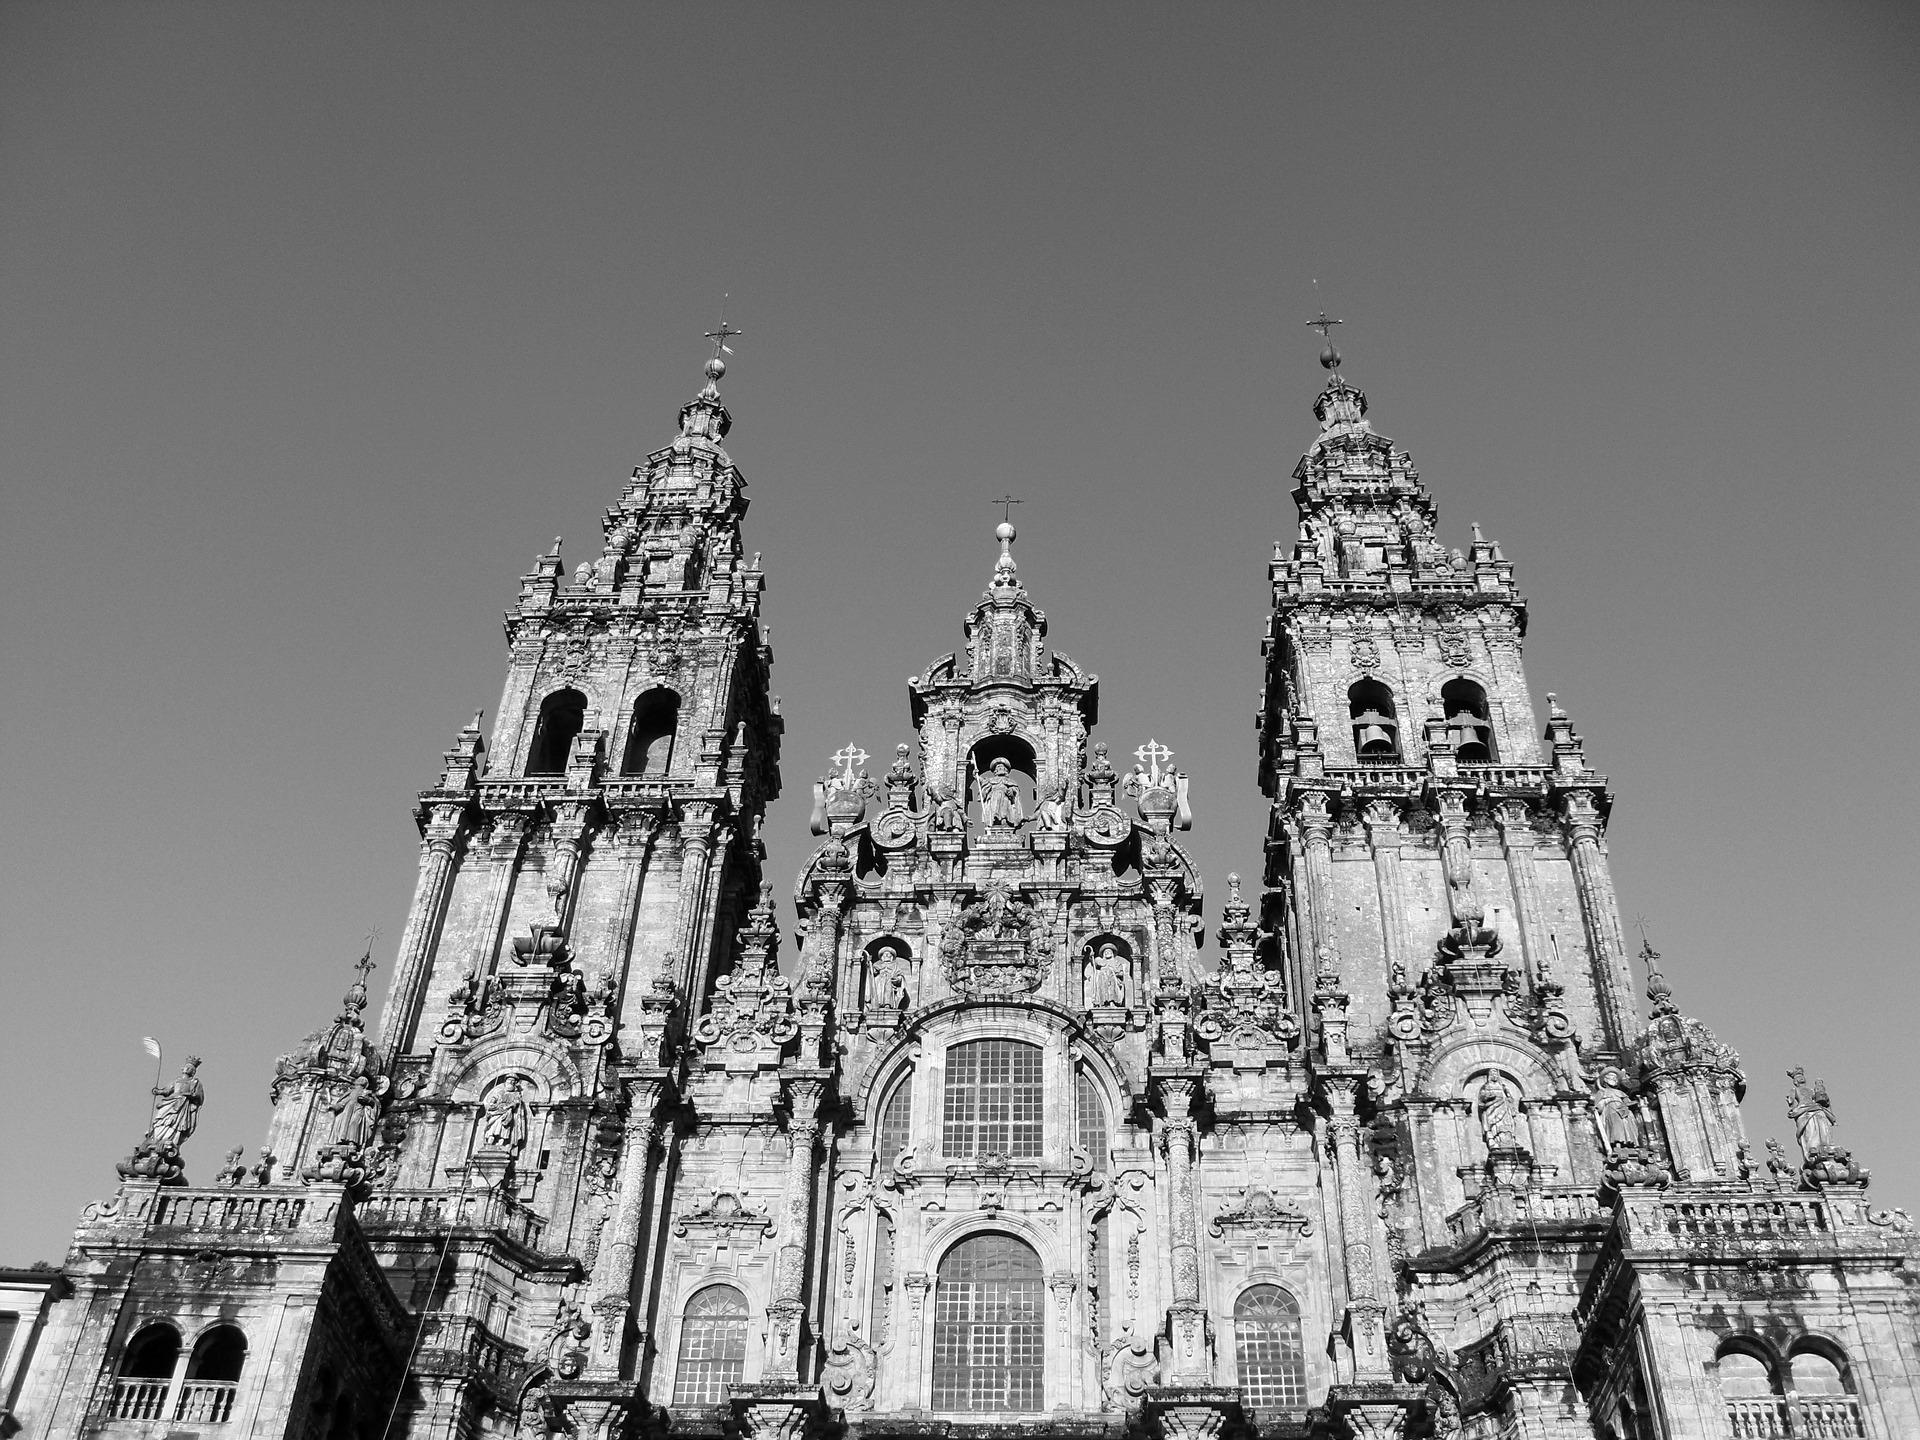 baroque-629988_1920.jpg